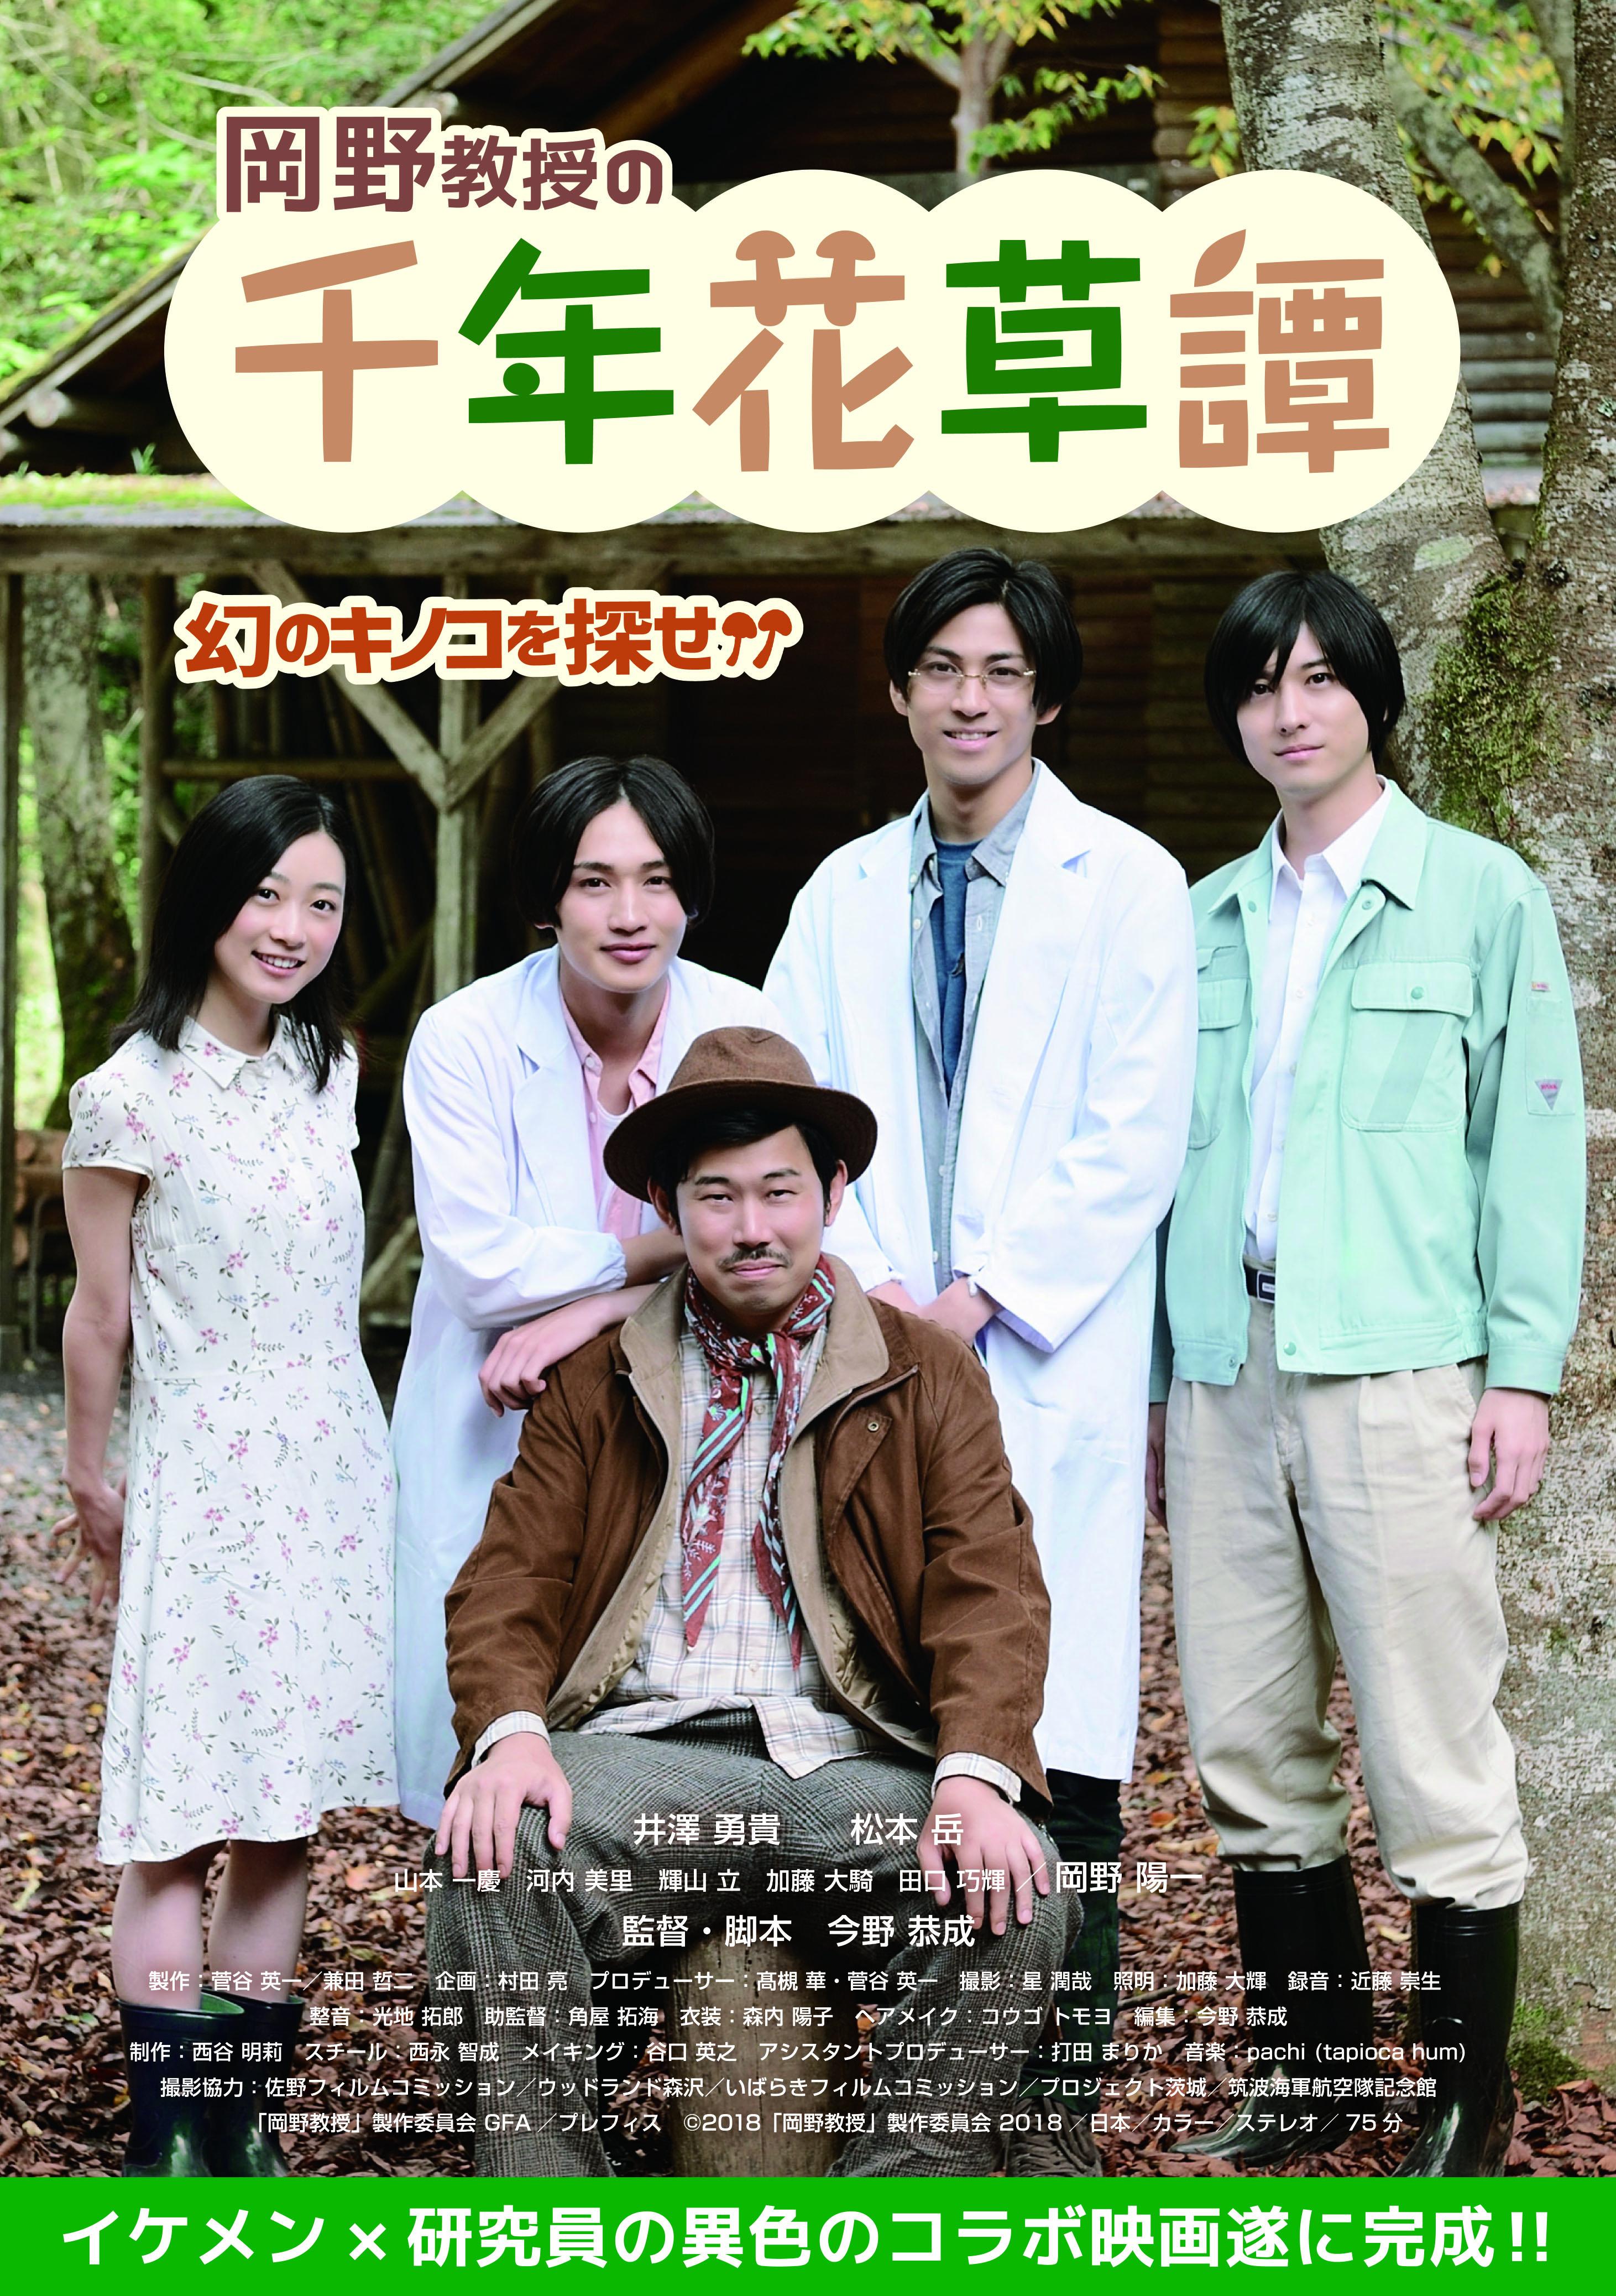 映画「岡野教授の千年花草譚」完成披露イベント